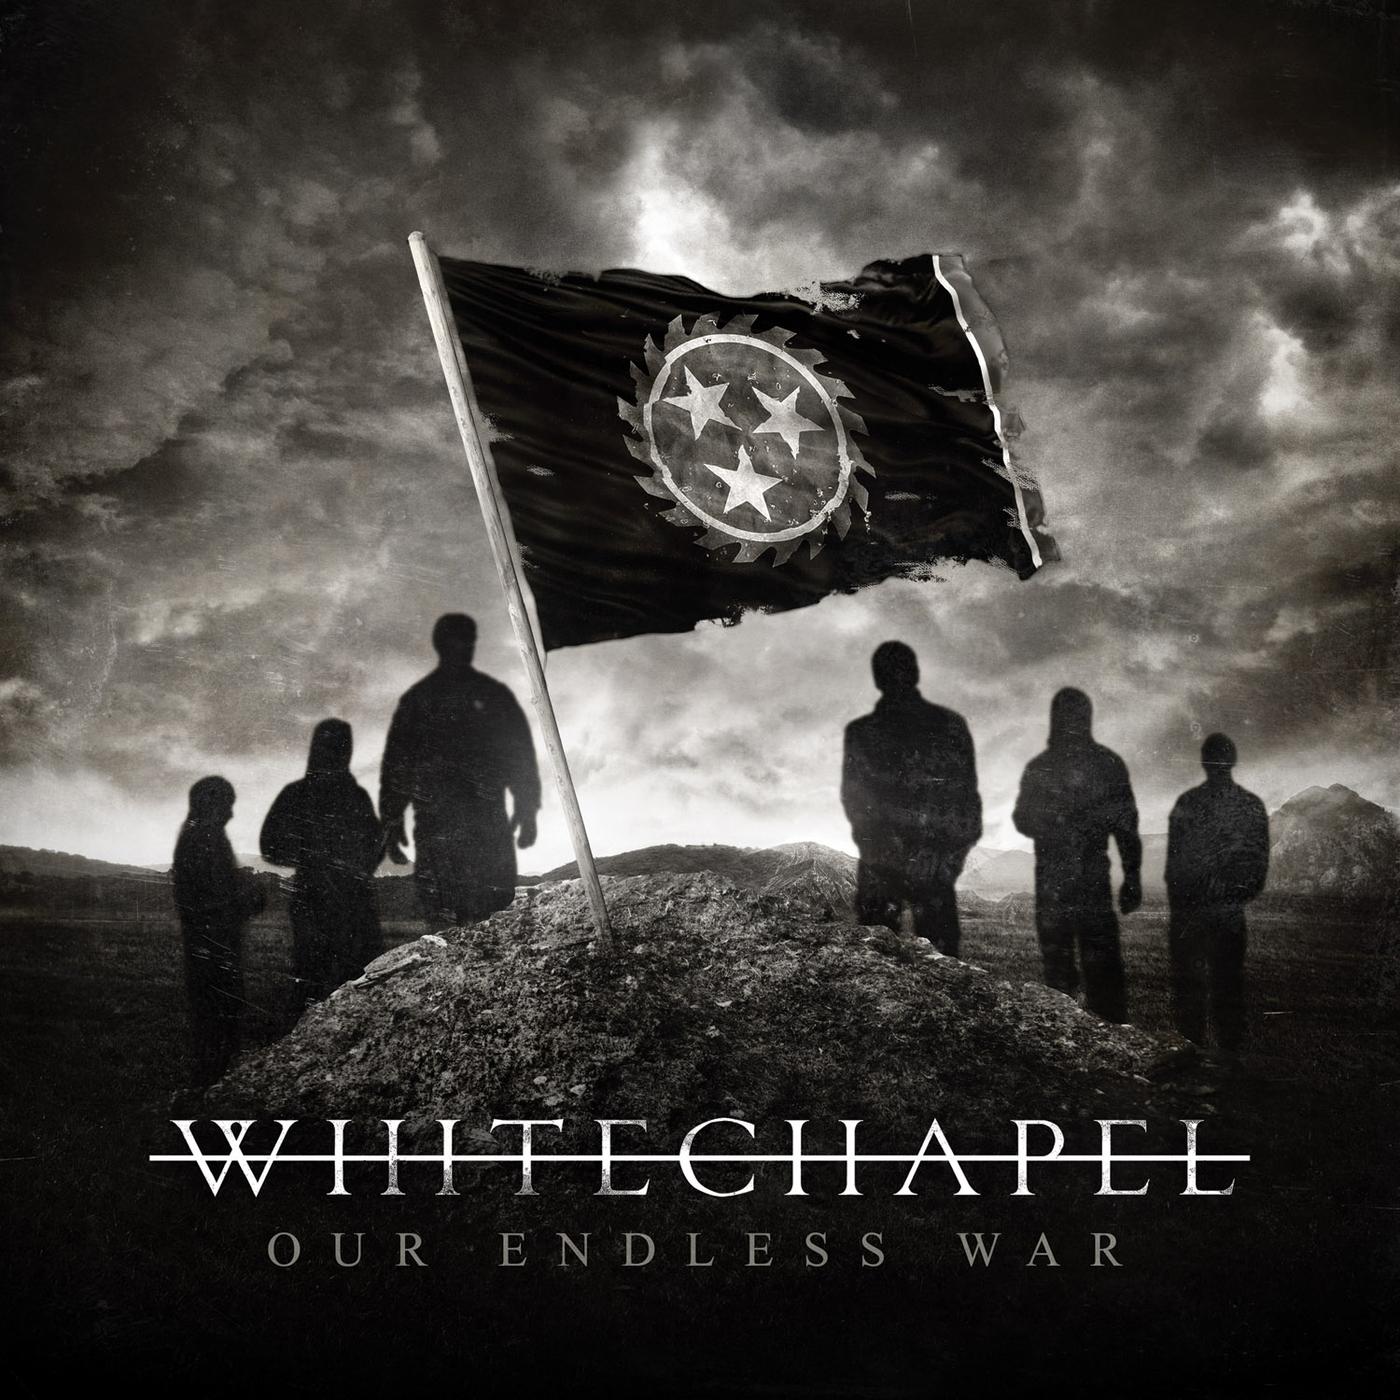 Whitechapel - Our Endless War (2014)